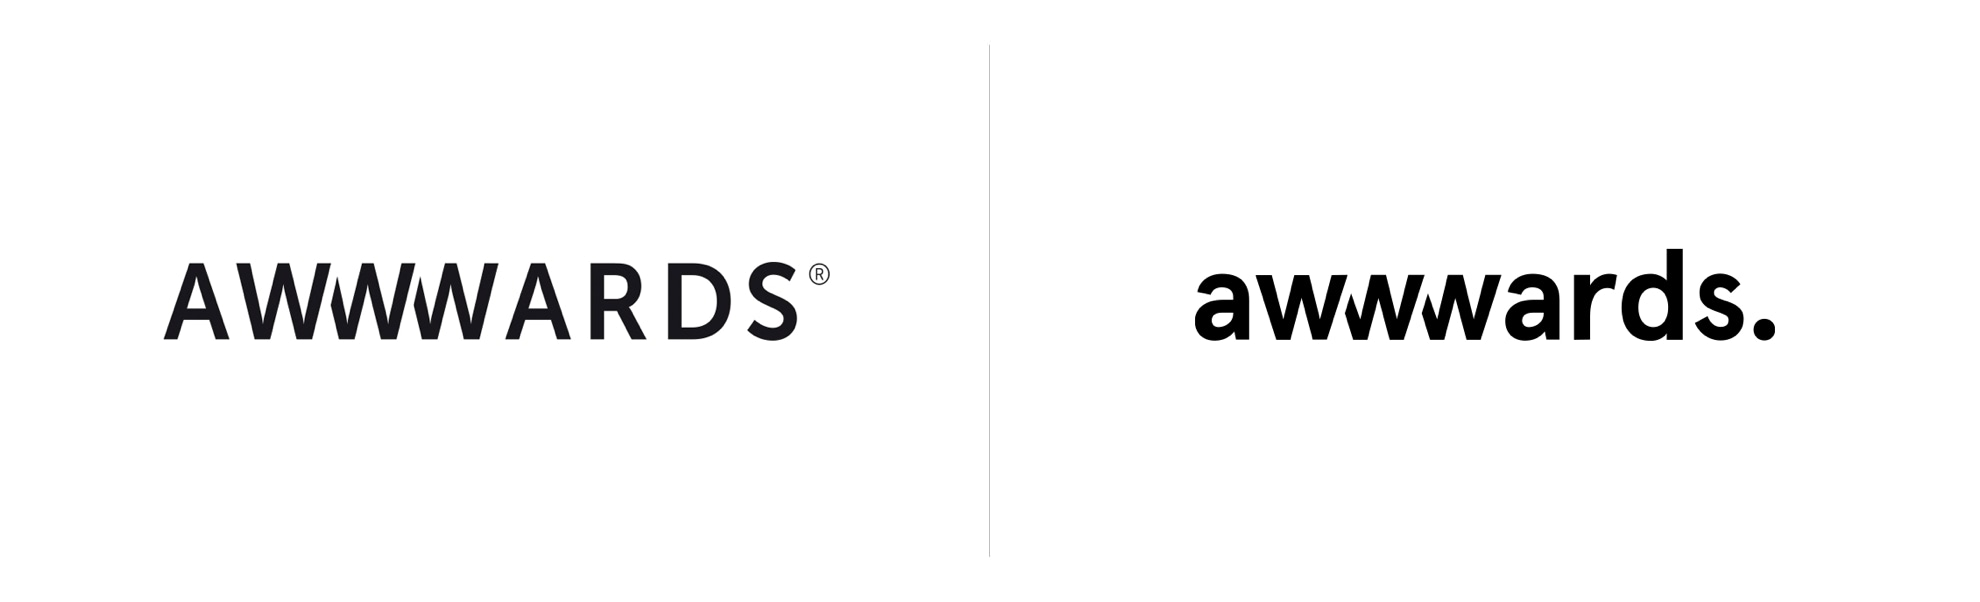 awwwards znowym logo